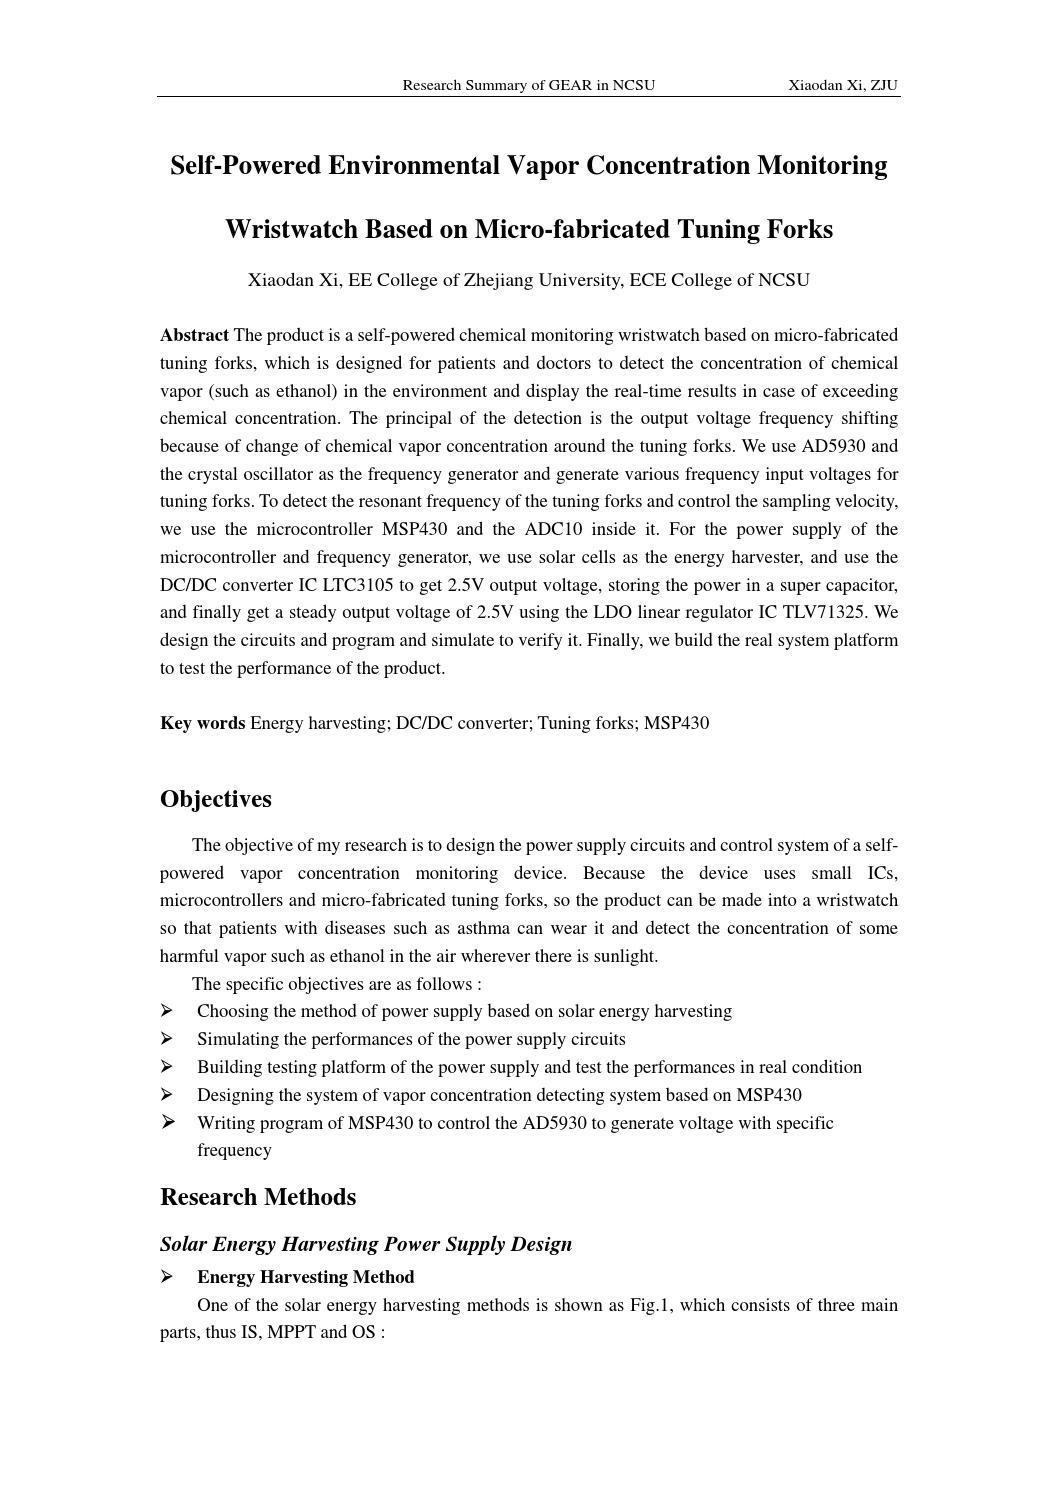 Research summary xiaodan xi by Paul Xi - issuu